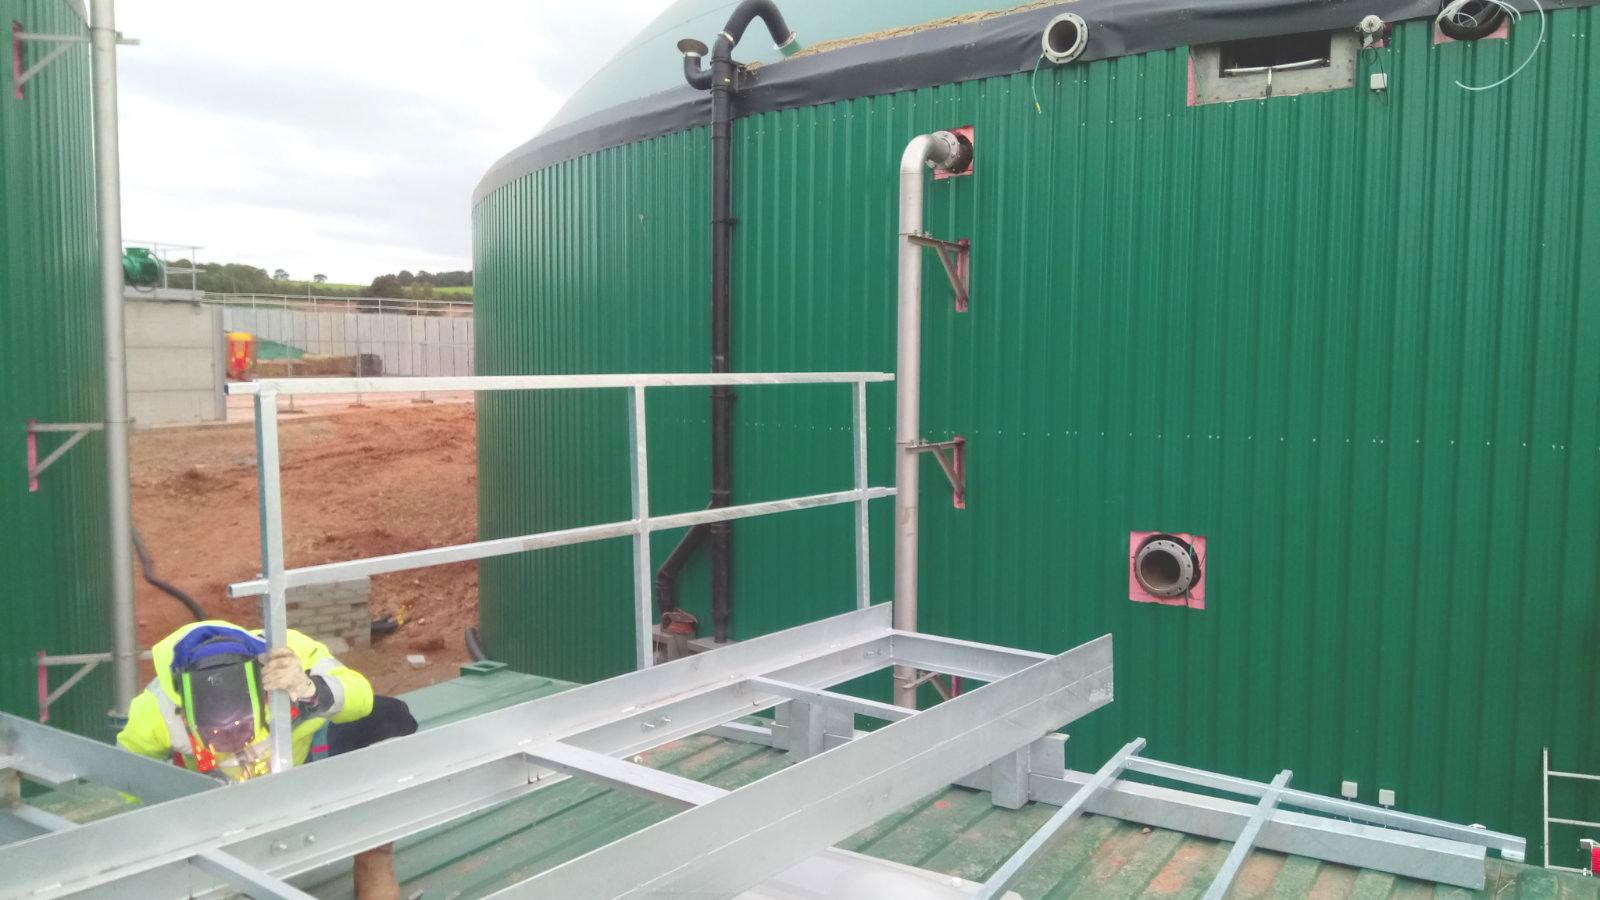 01 Escaleras y Plataformas-Planta de Biogás de 1MW en Stracathro Reino Unido